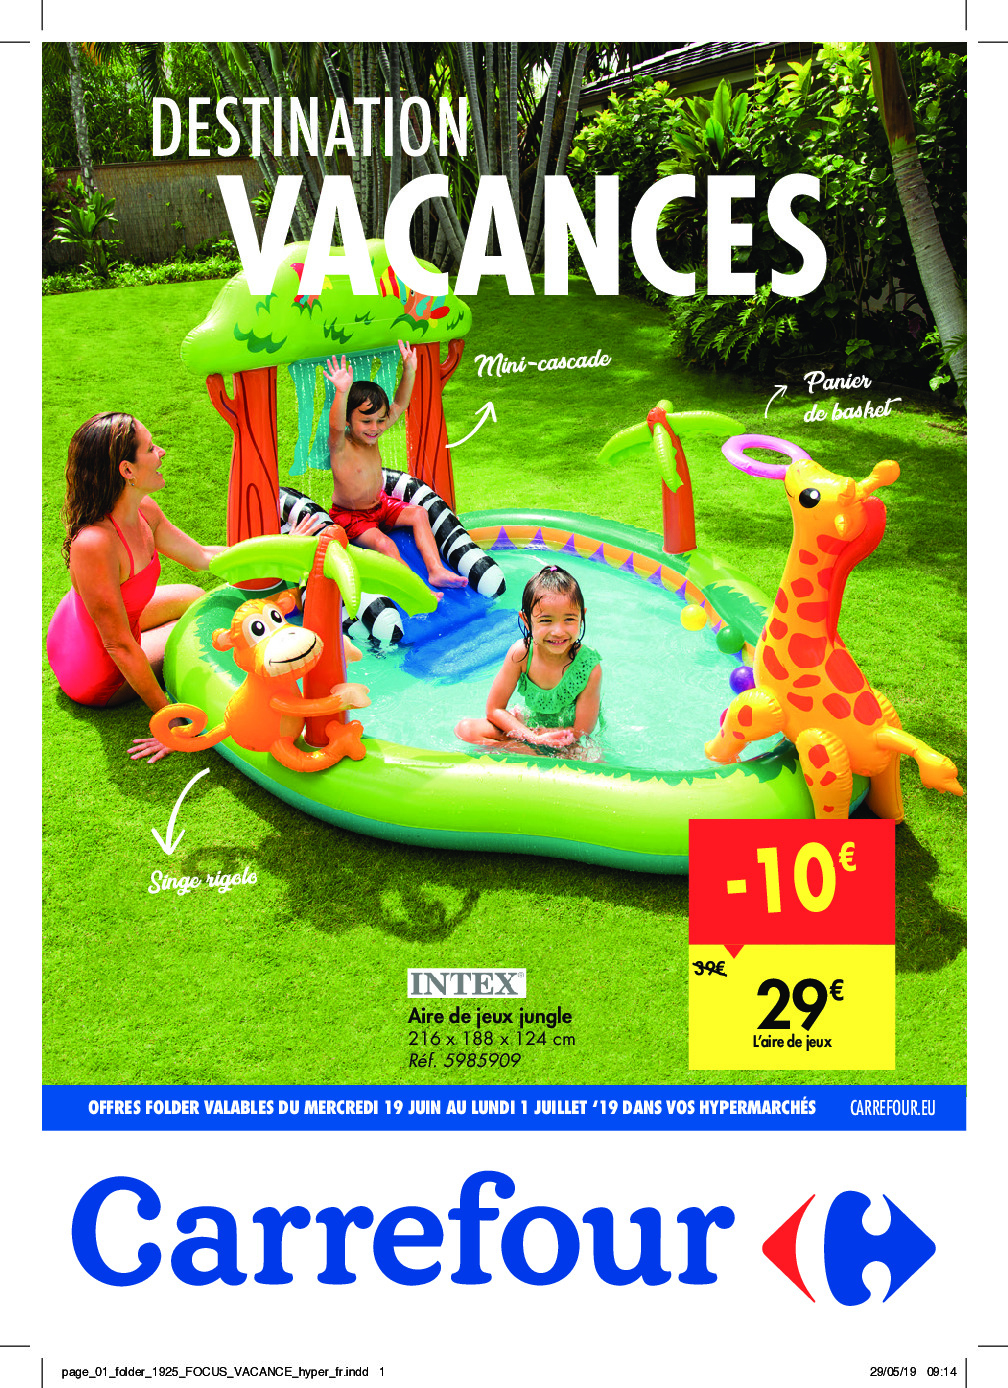 Carrefour – Dépliant Du 19.06.2019 Au 01.07.2019 – Page 1 ... à Piscine Intex Carrefour